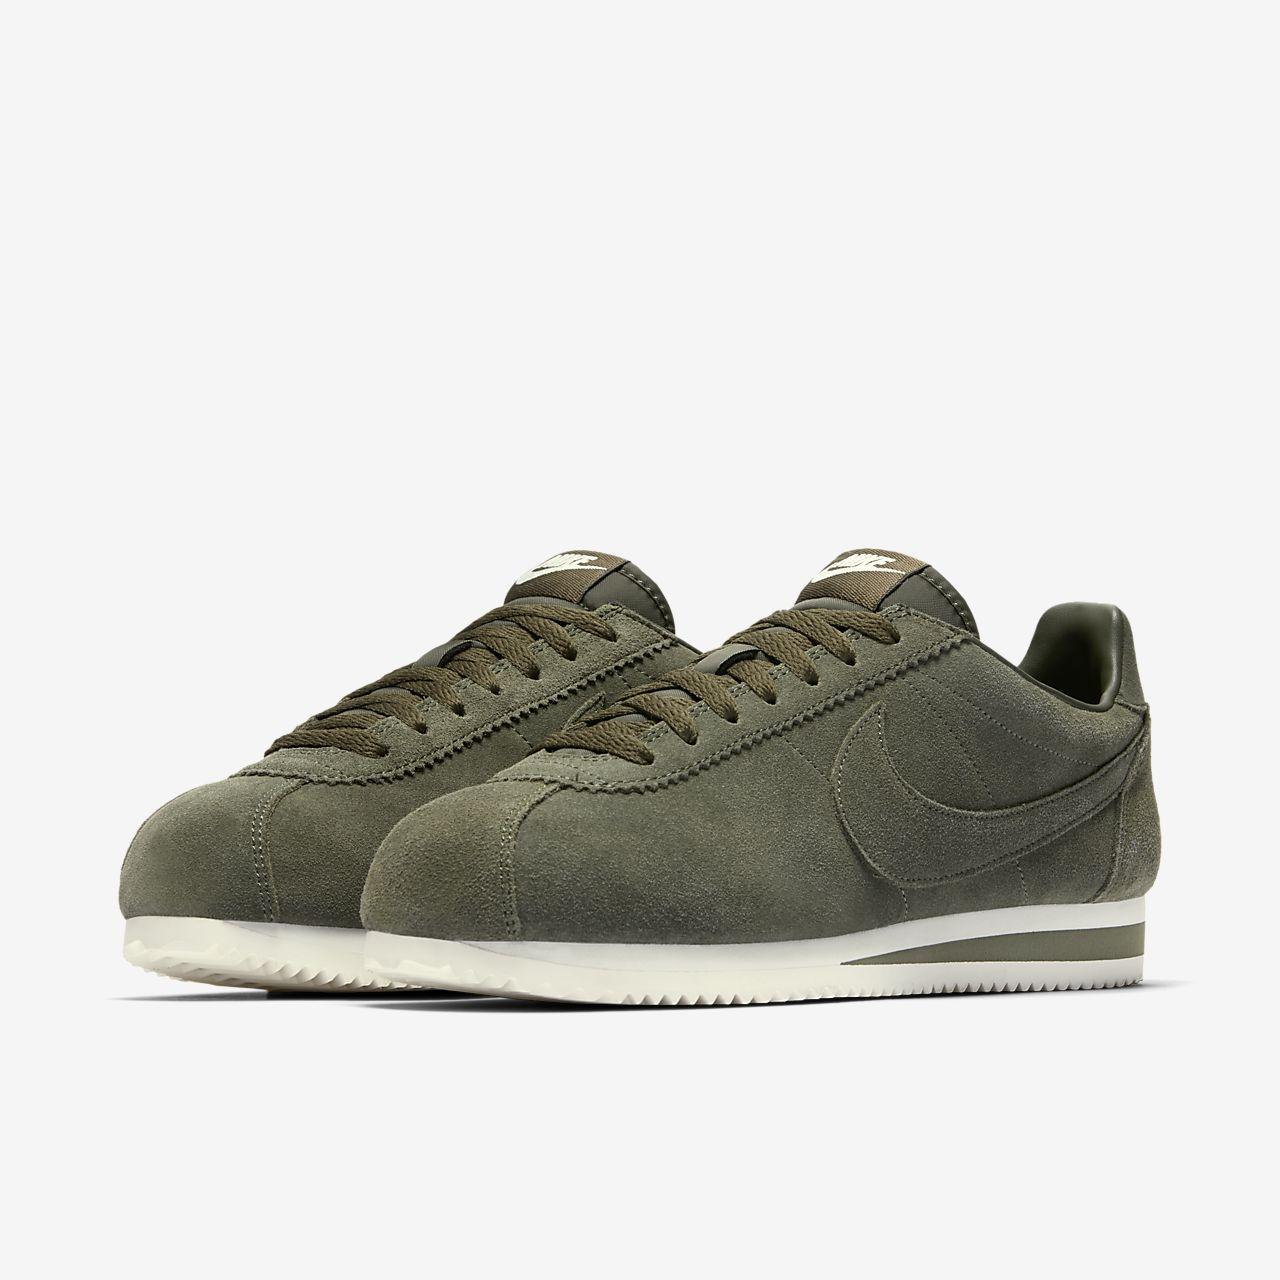 Nike Cortez De Base Se Chaussures Noires 3ZbrM0E